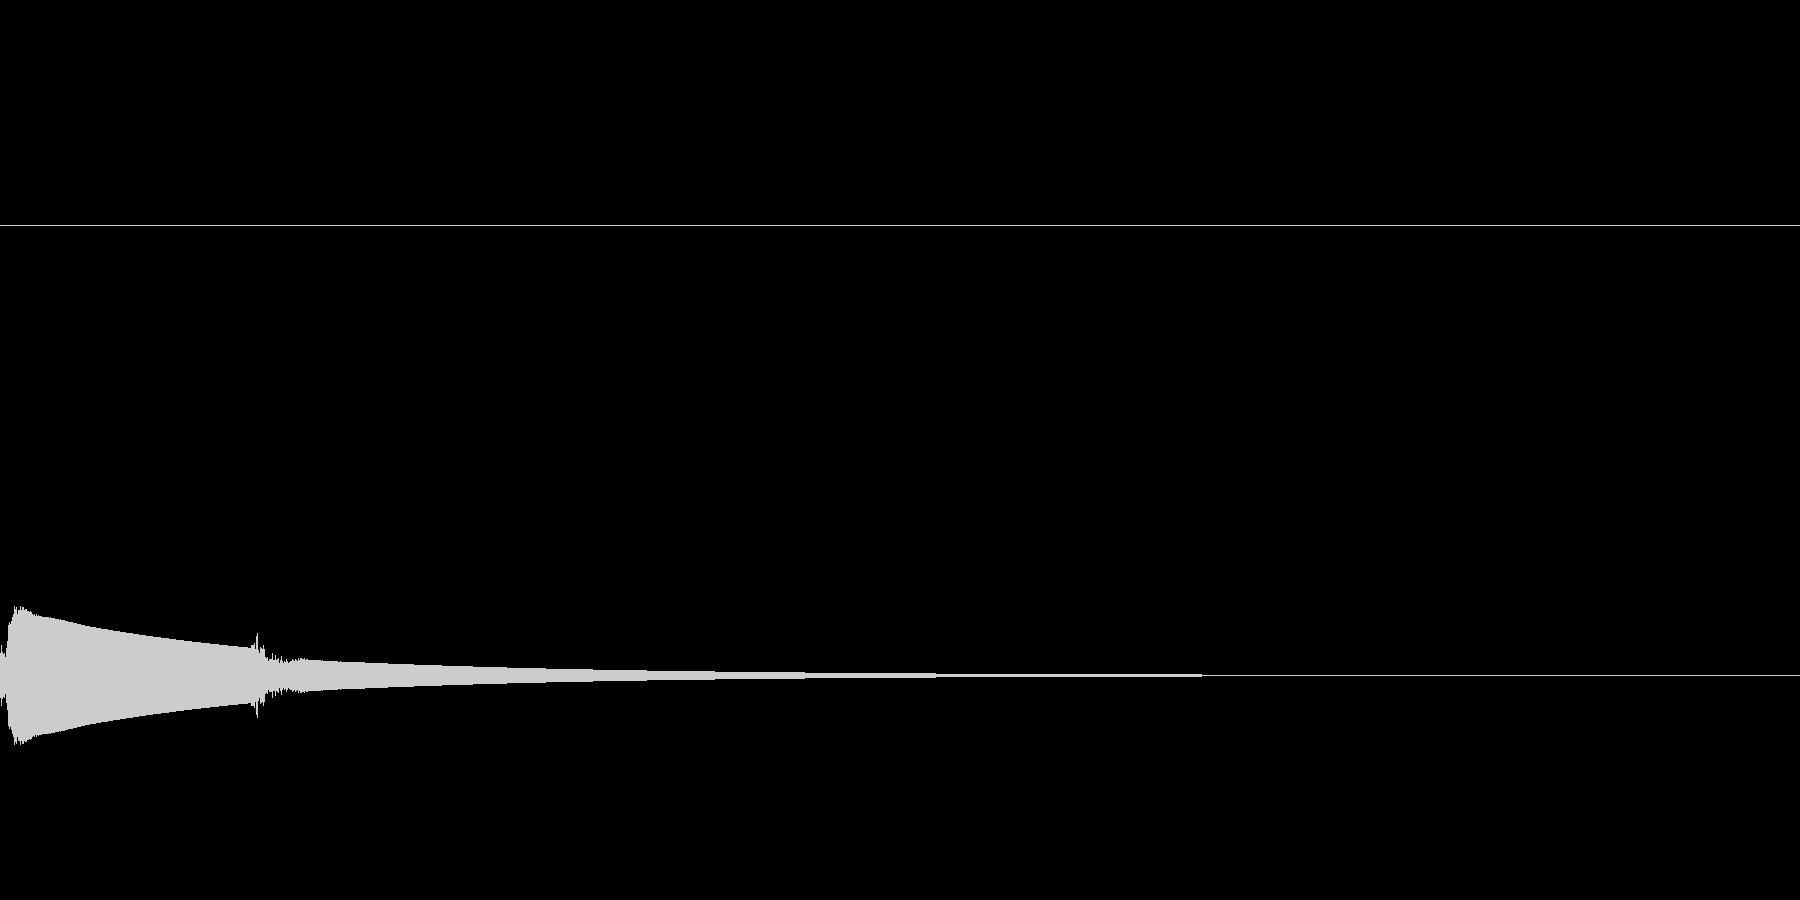 ピンポーン:右側でインターホンが鳴るの未再生の波形